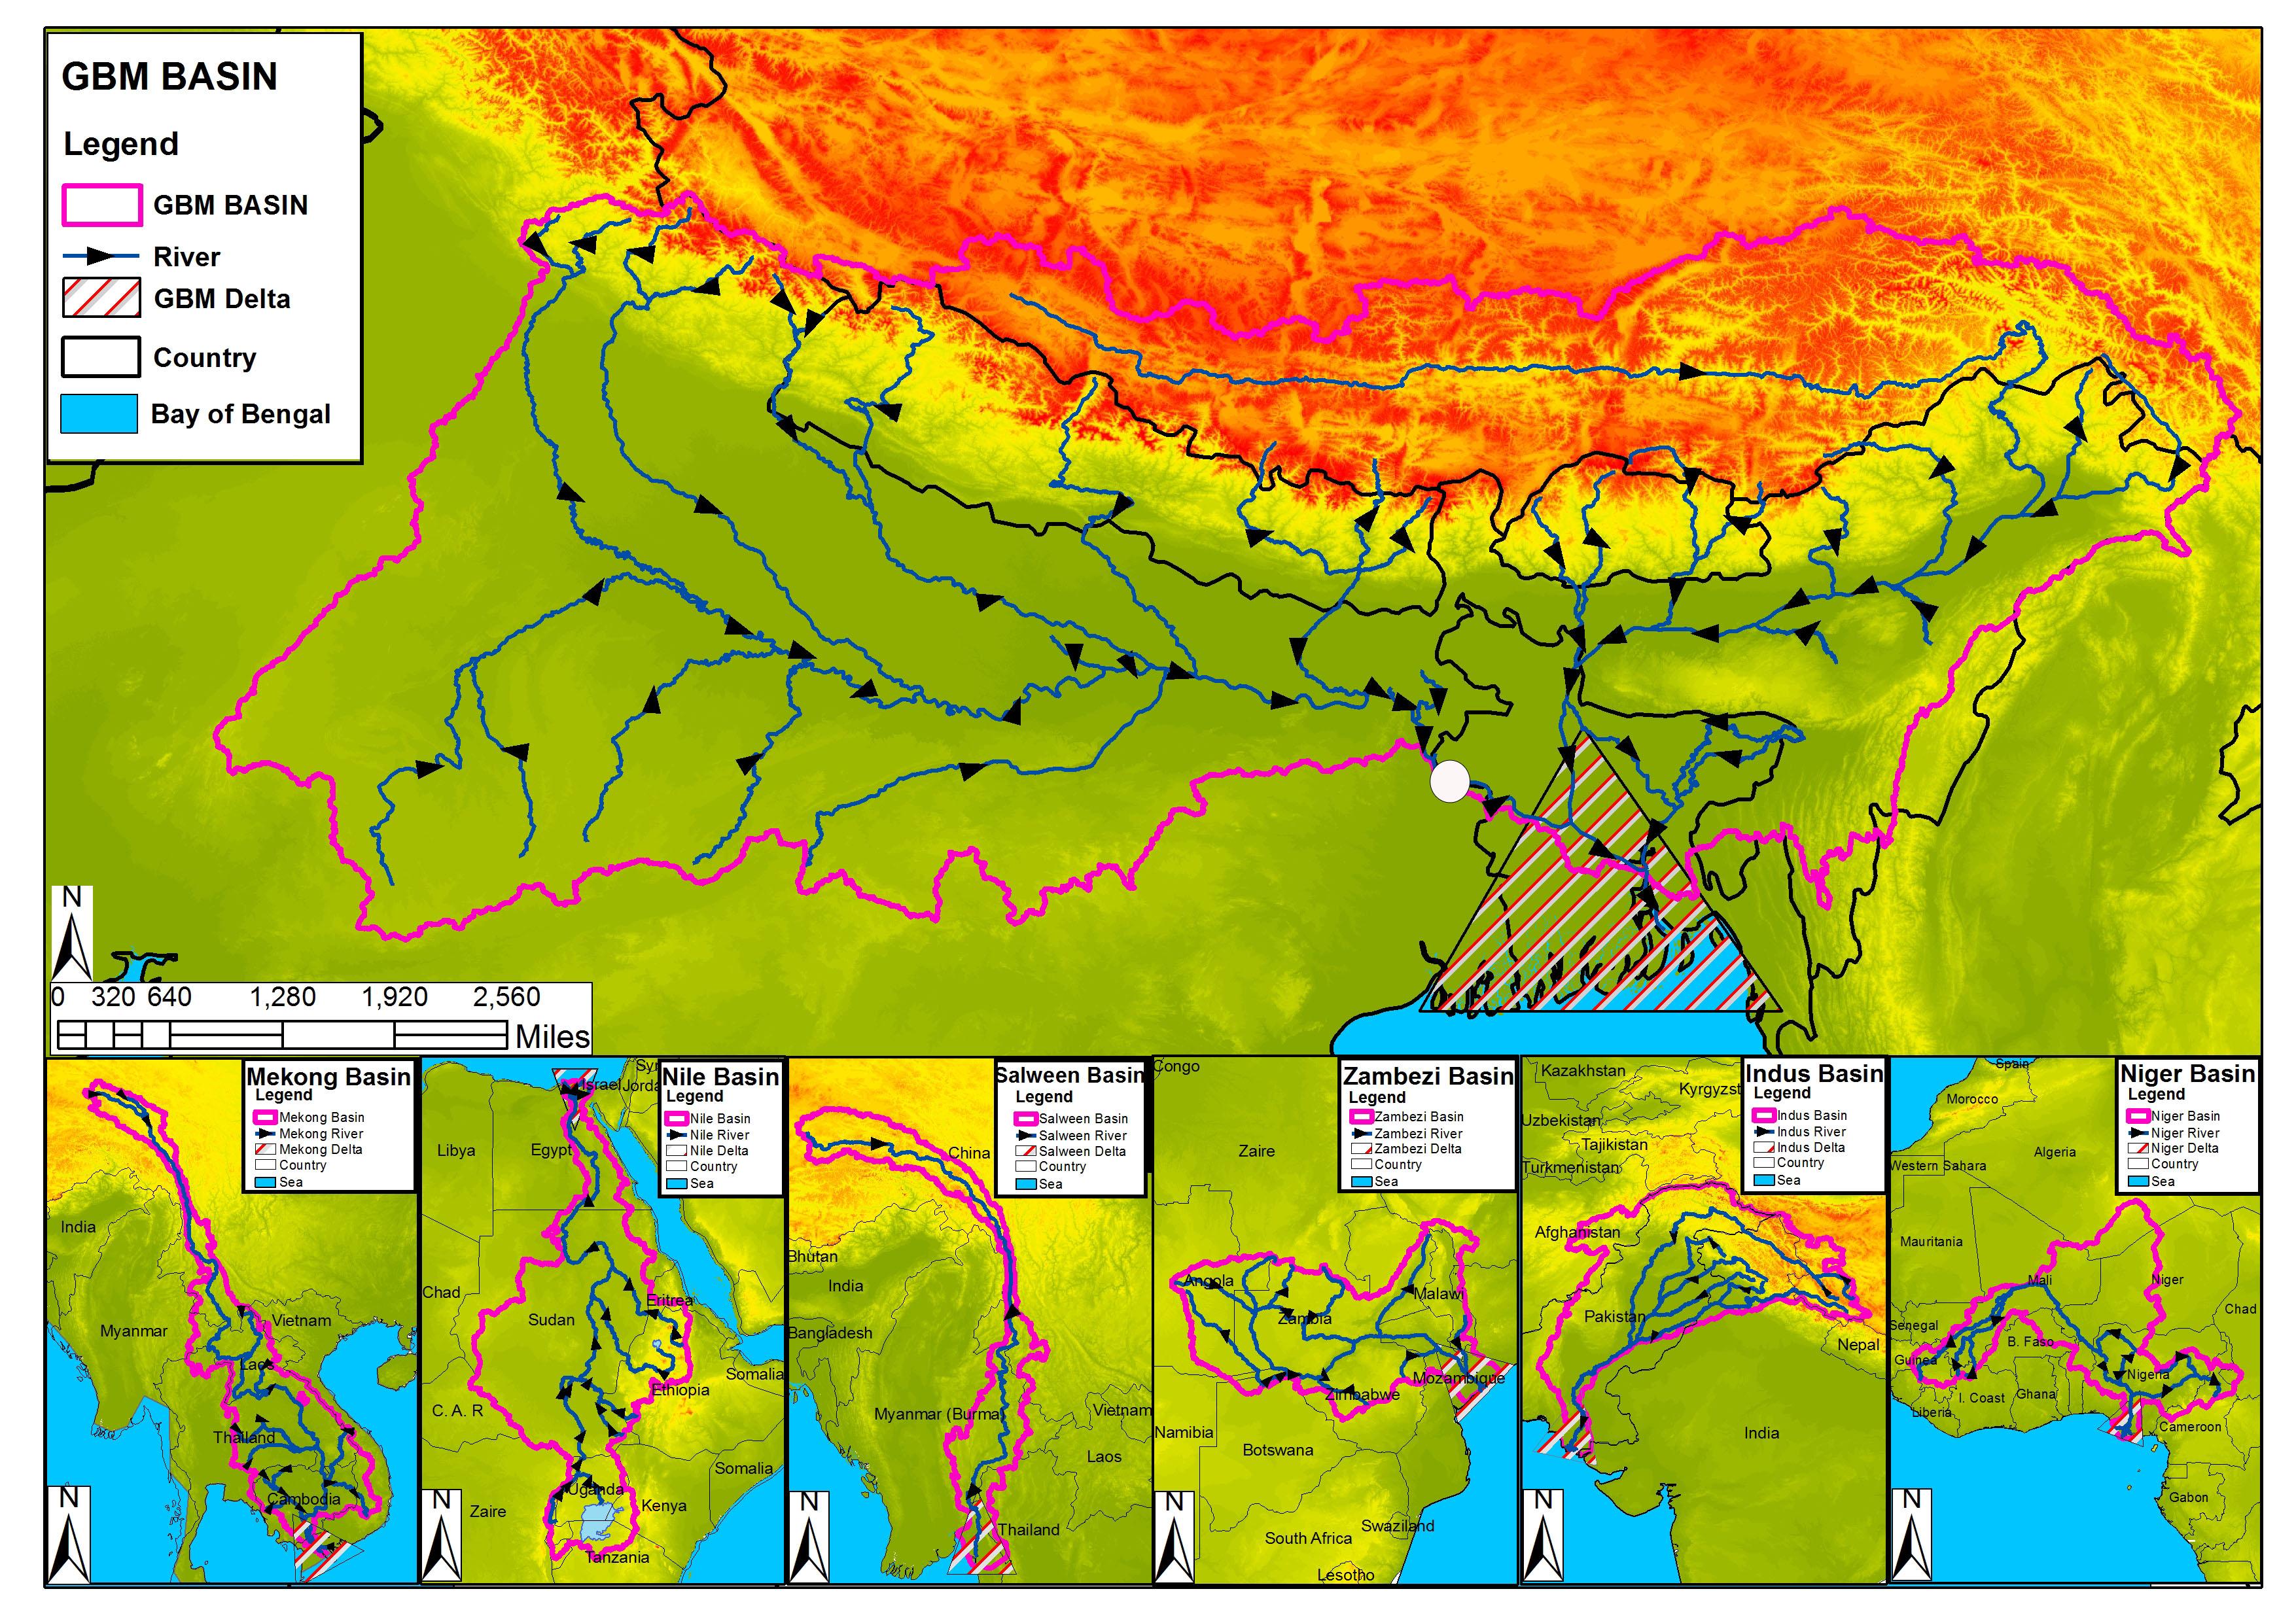 بنغلادش تُعلن عن البدء باستخدام نظام سيرفير للإنذار والتنبؤ بالطقس